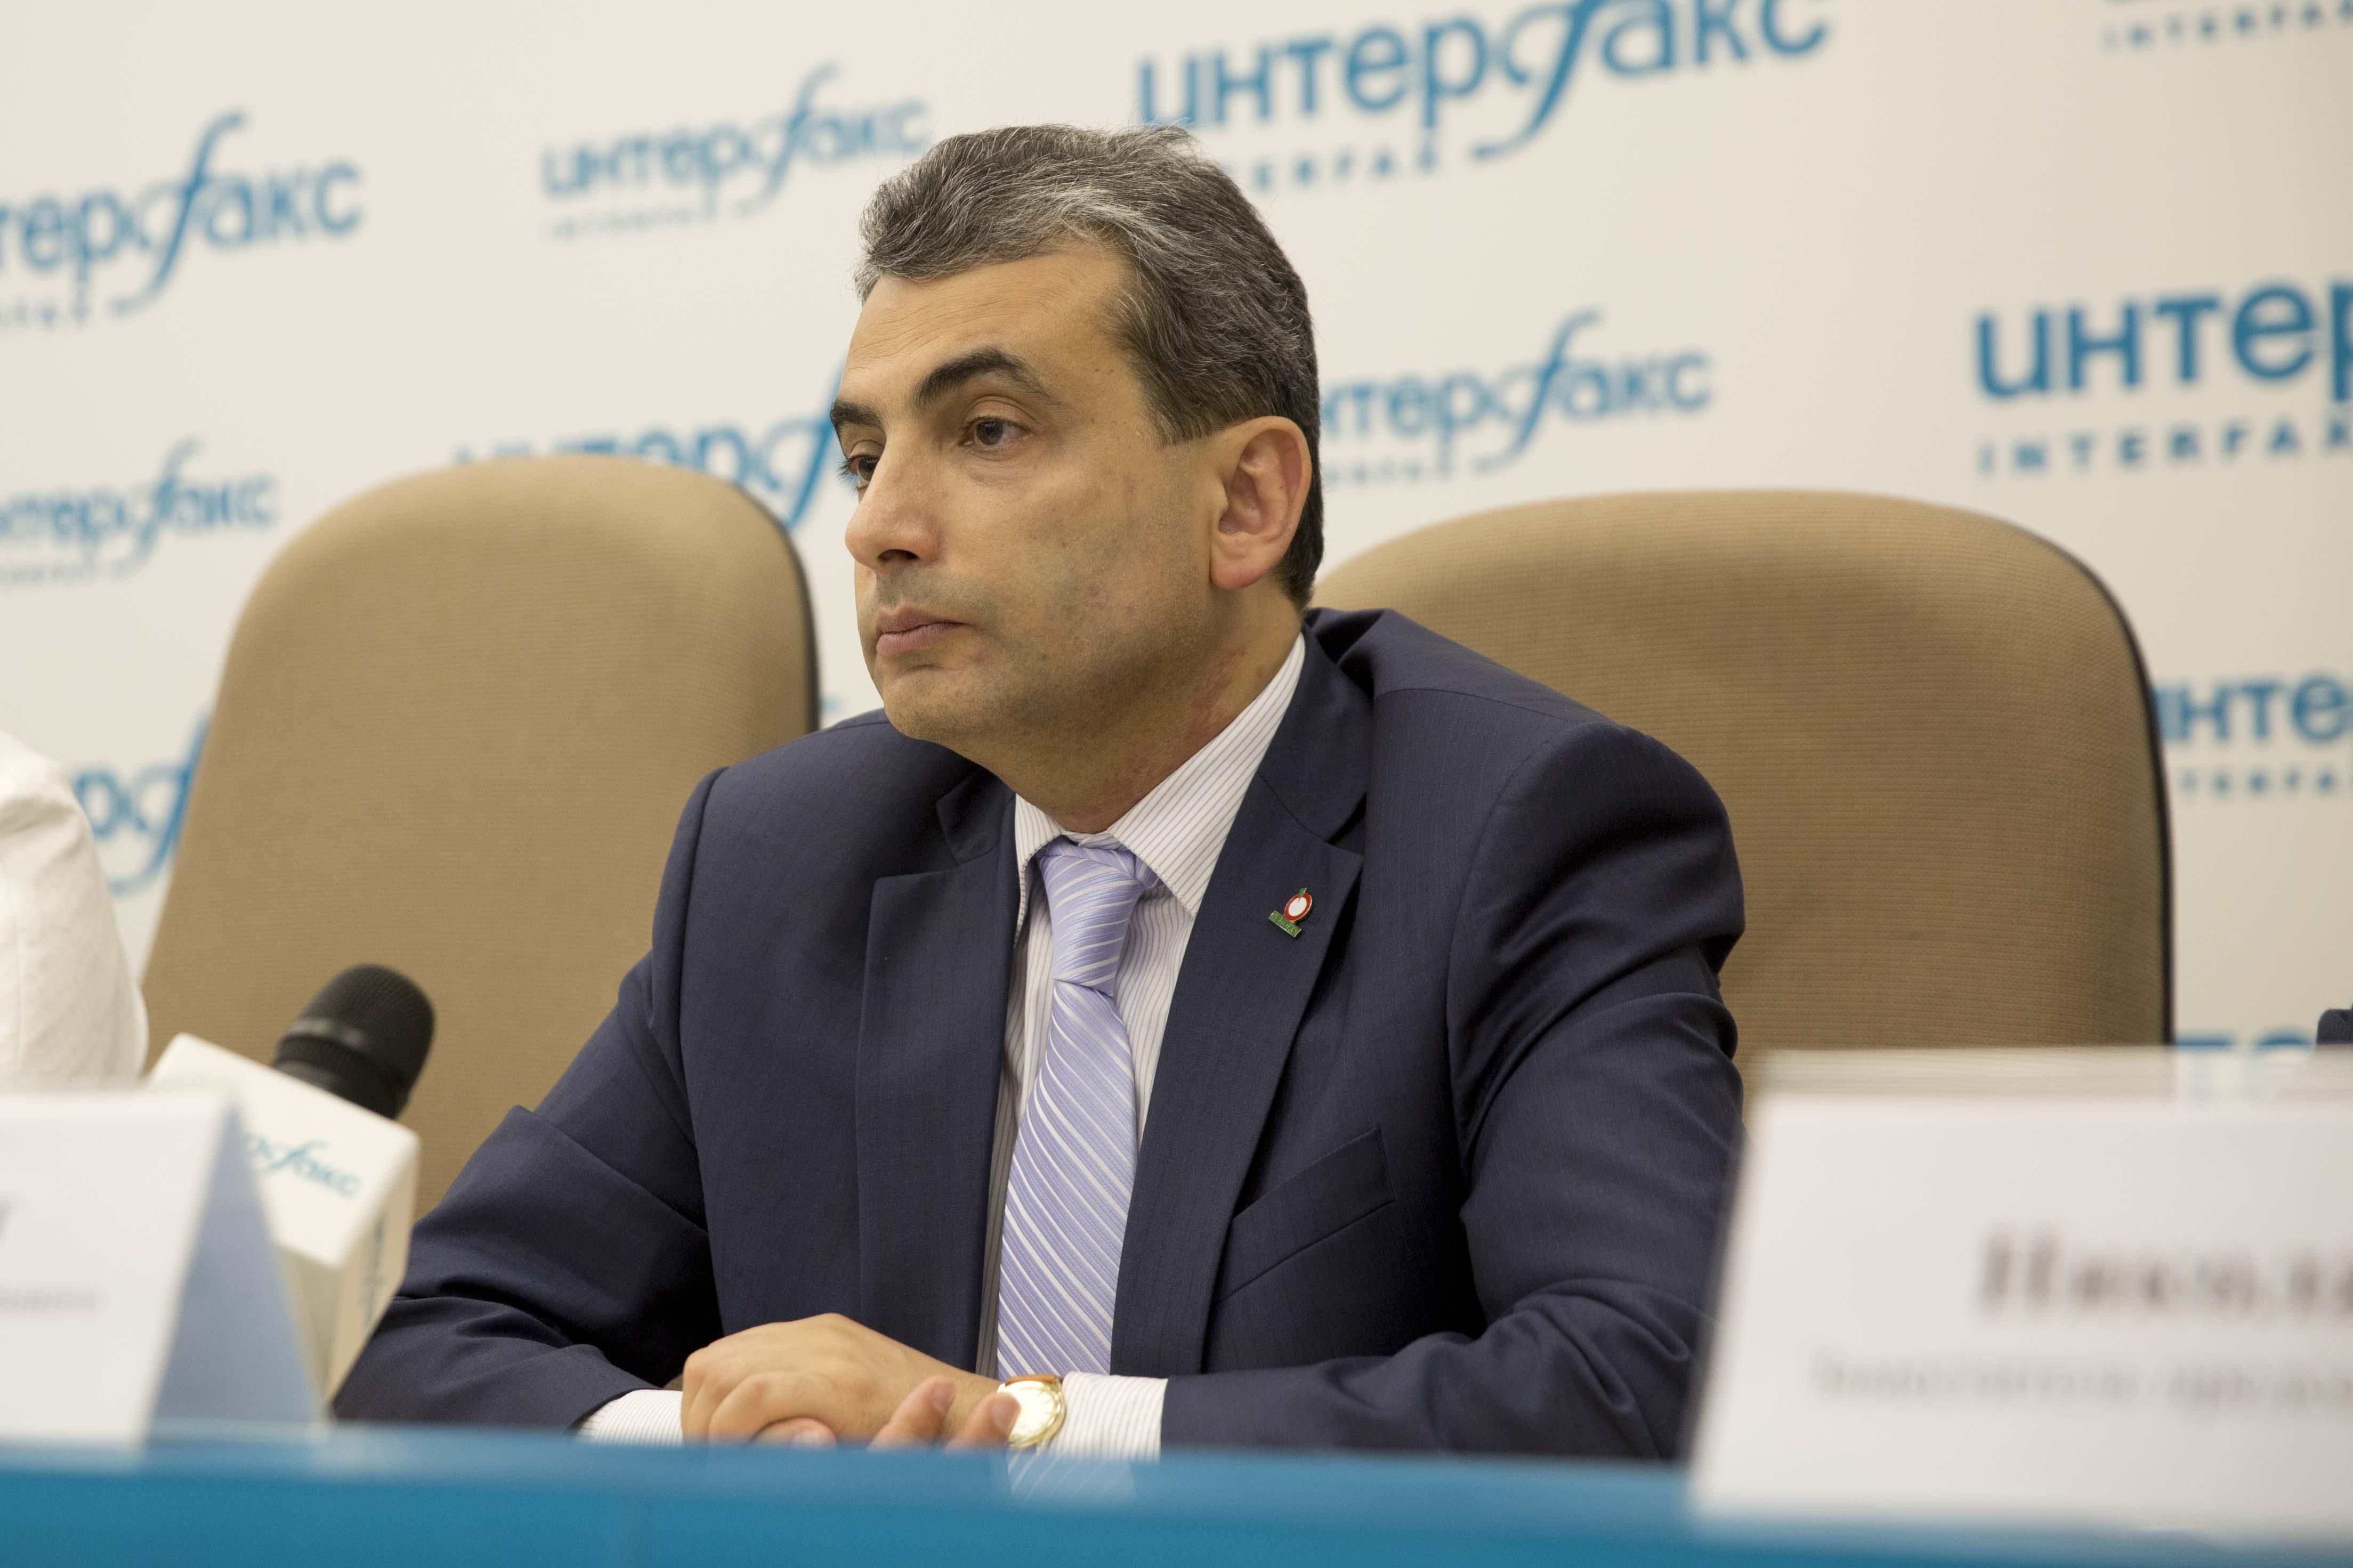 ВЦИКе обещали оперативно рассмотреть жалобу новгородского отделения «Яблока»